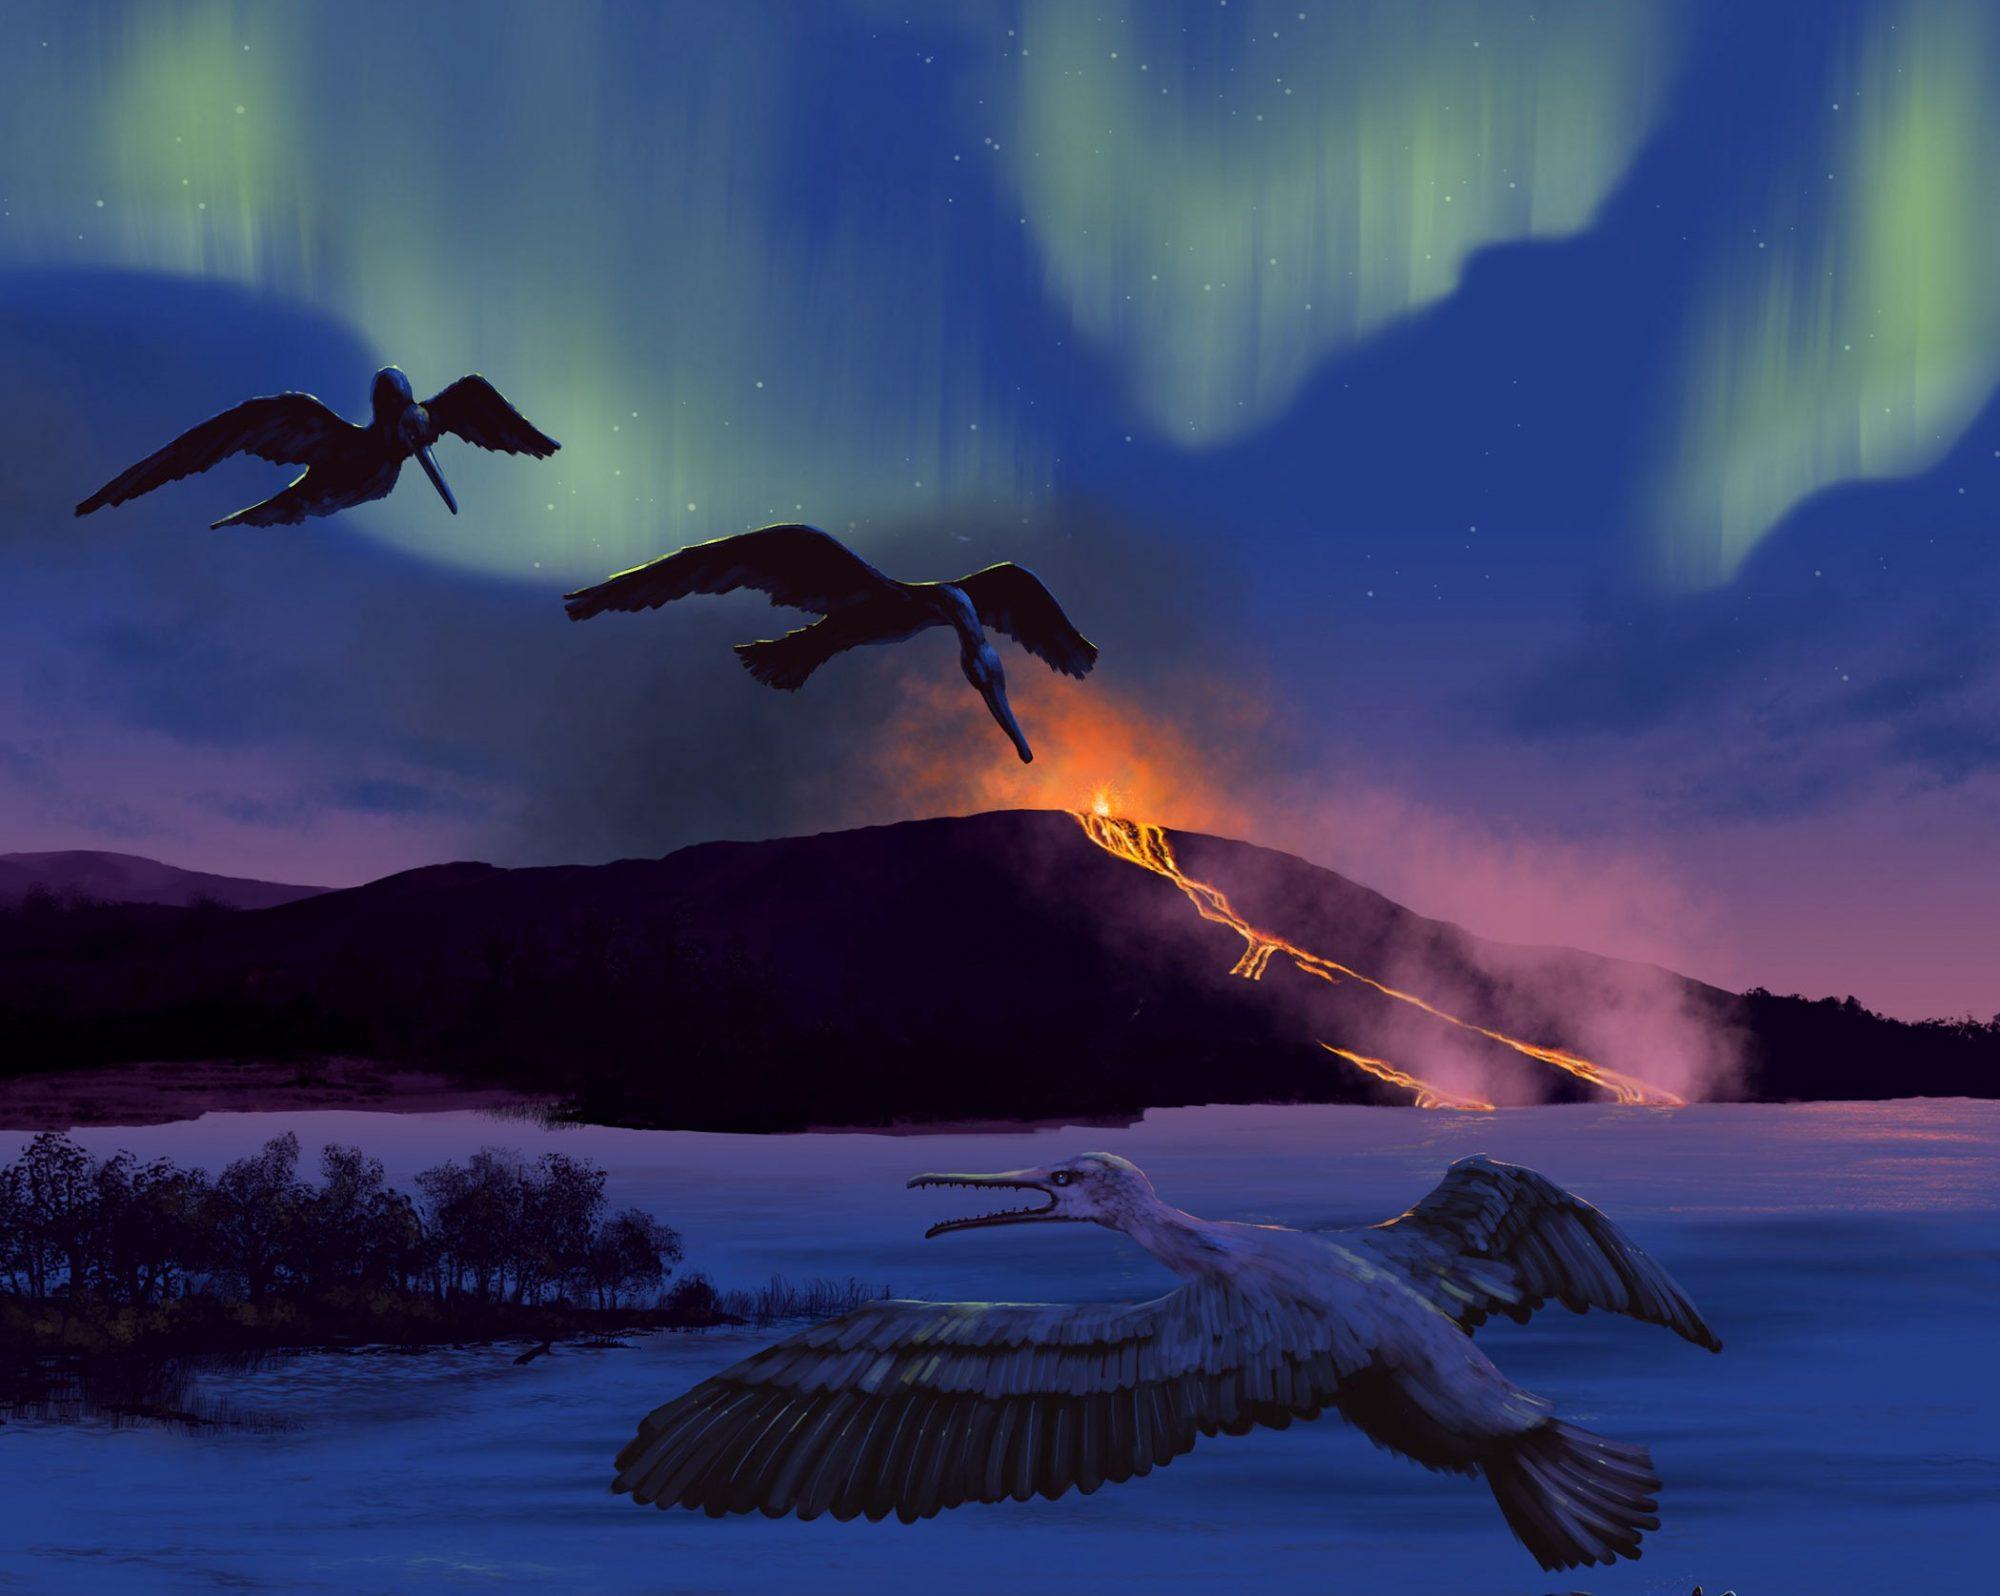 Un oiseau vieux de 90 millions d'années pour prévoir l'avenir